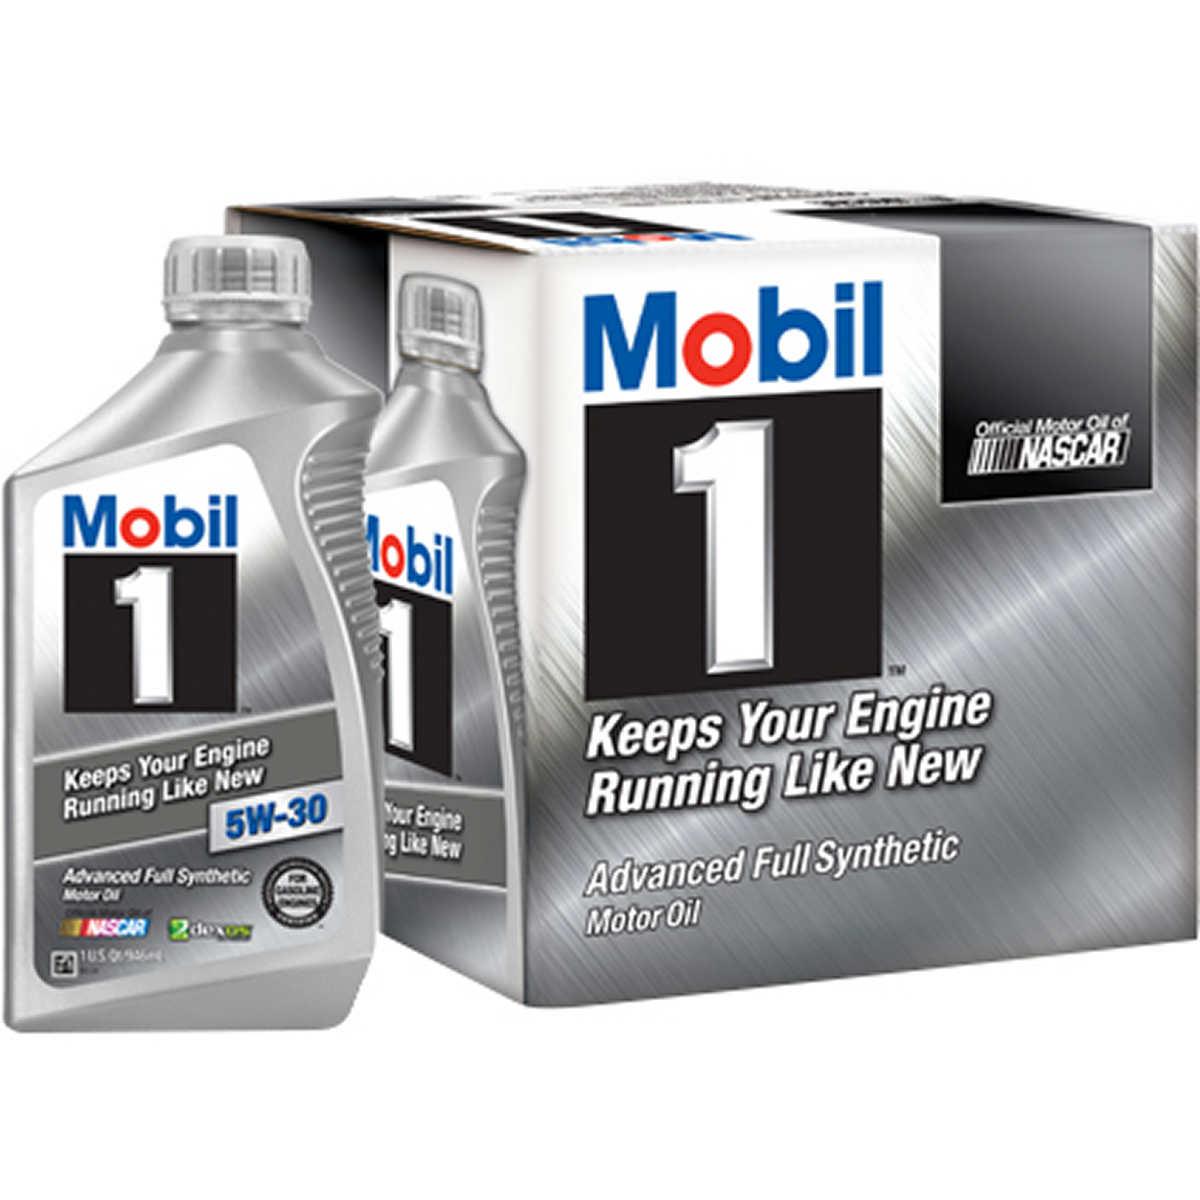 Full Synthetic Oil >> Mobil 1 Full Synthetic Motor Oil 5w 30